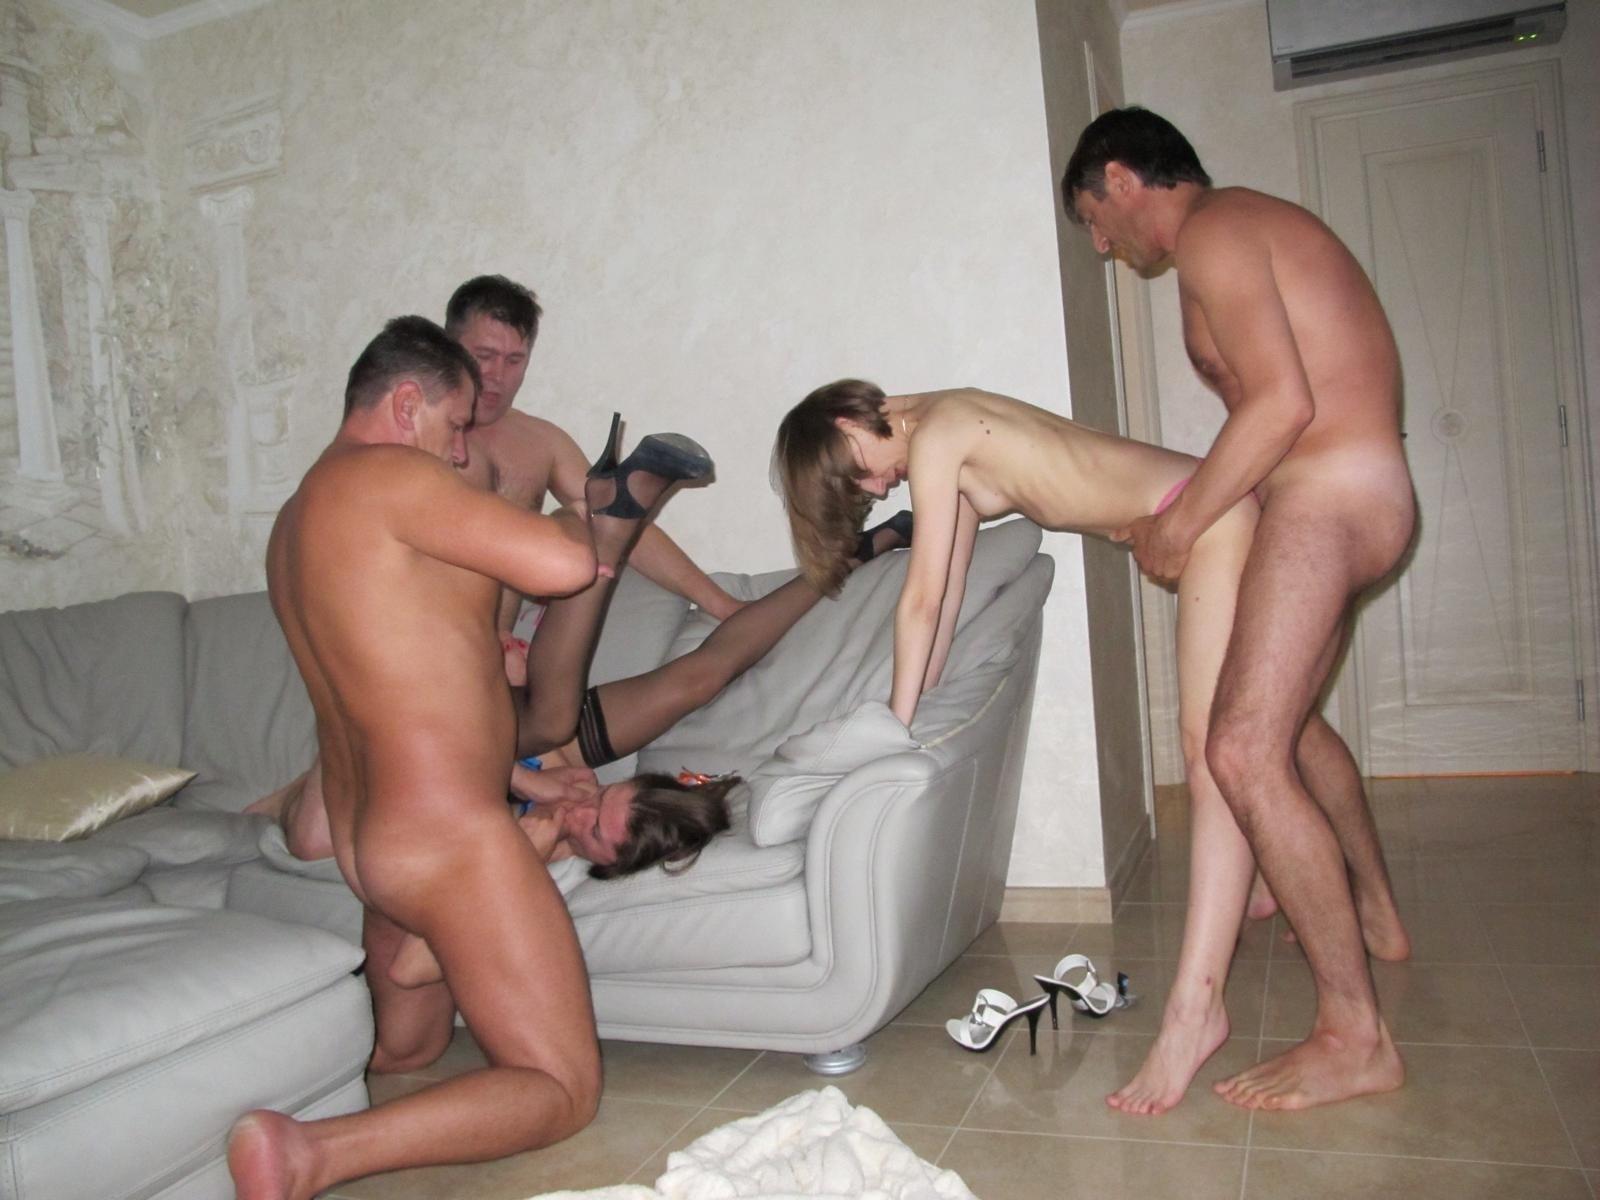 Московскую проститутку ебут на съемной квартире, женский шпагат голый